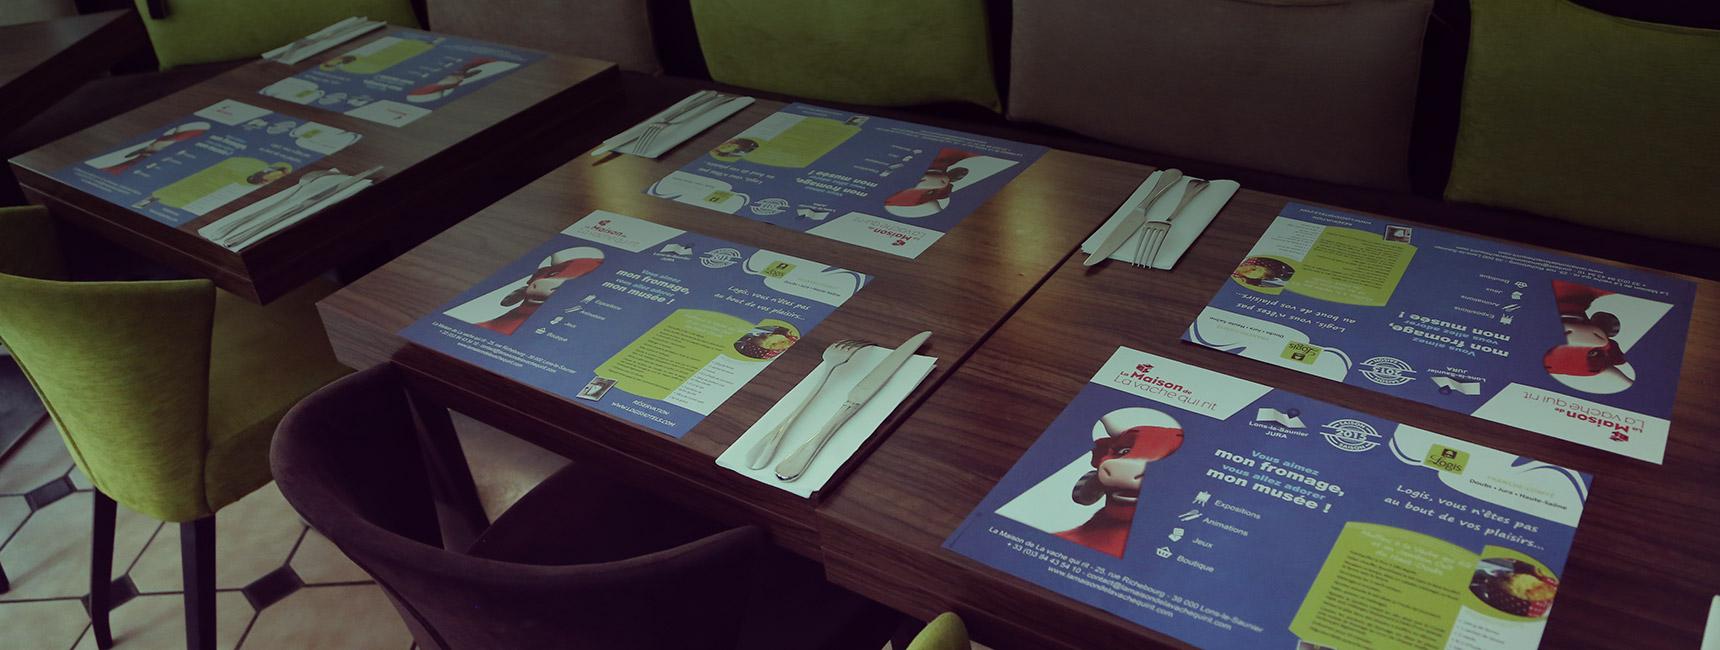 Set de table publicitaire, support tactique - Média tactique - Keemia Toulouse Agence marketing local en région Occitanie